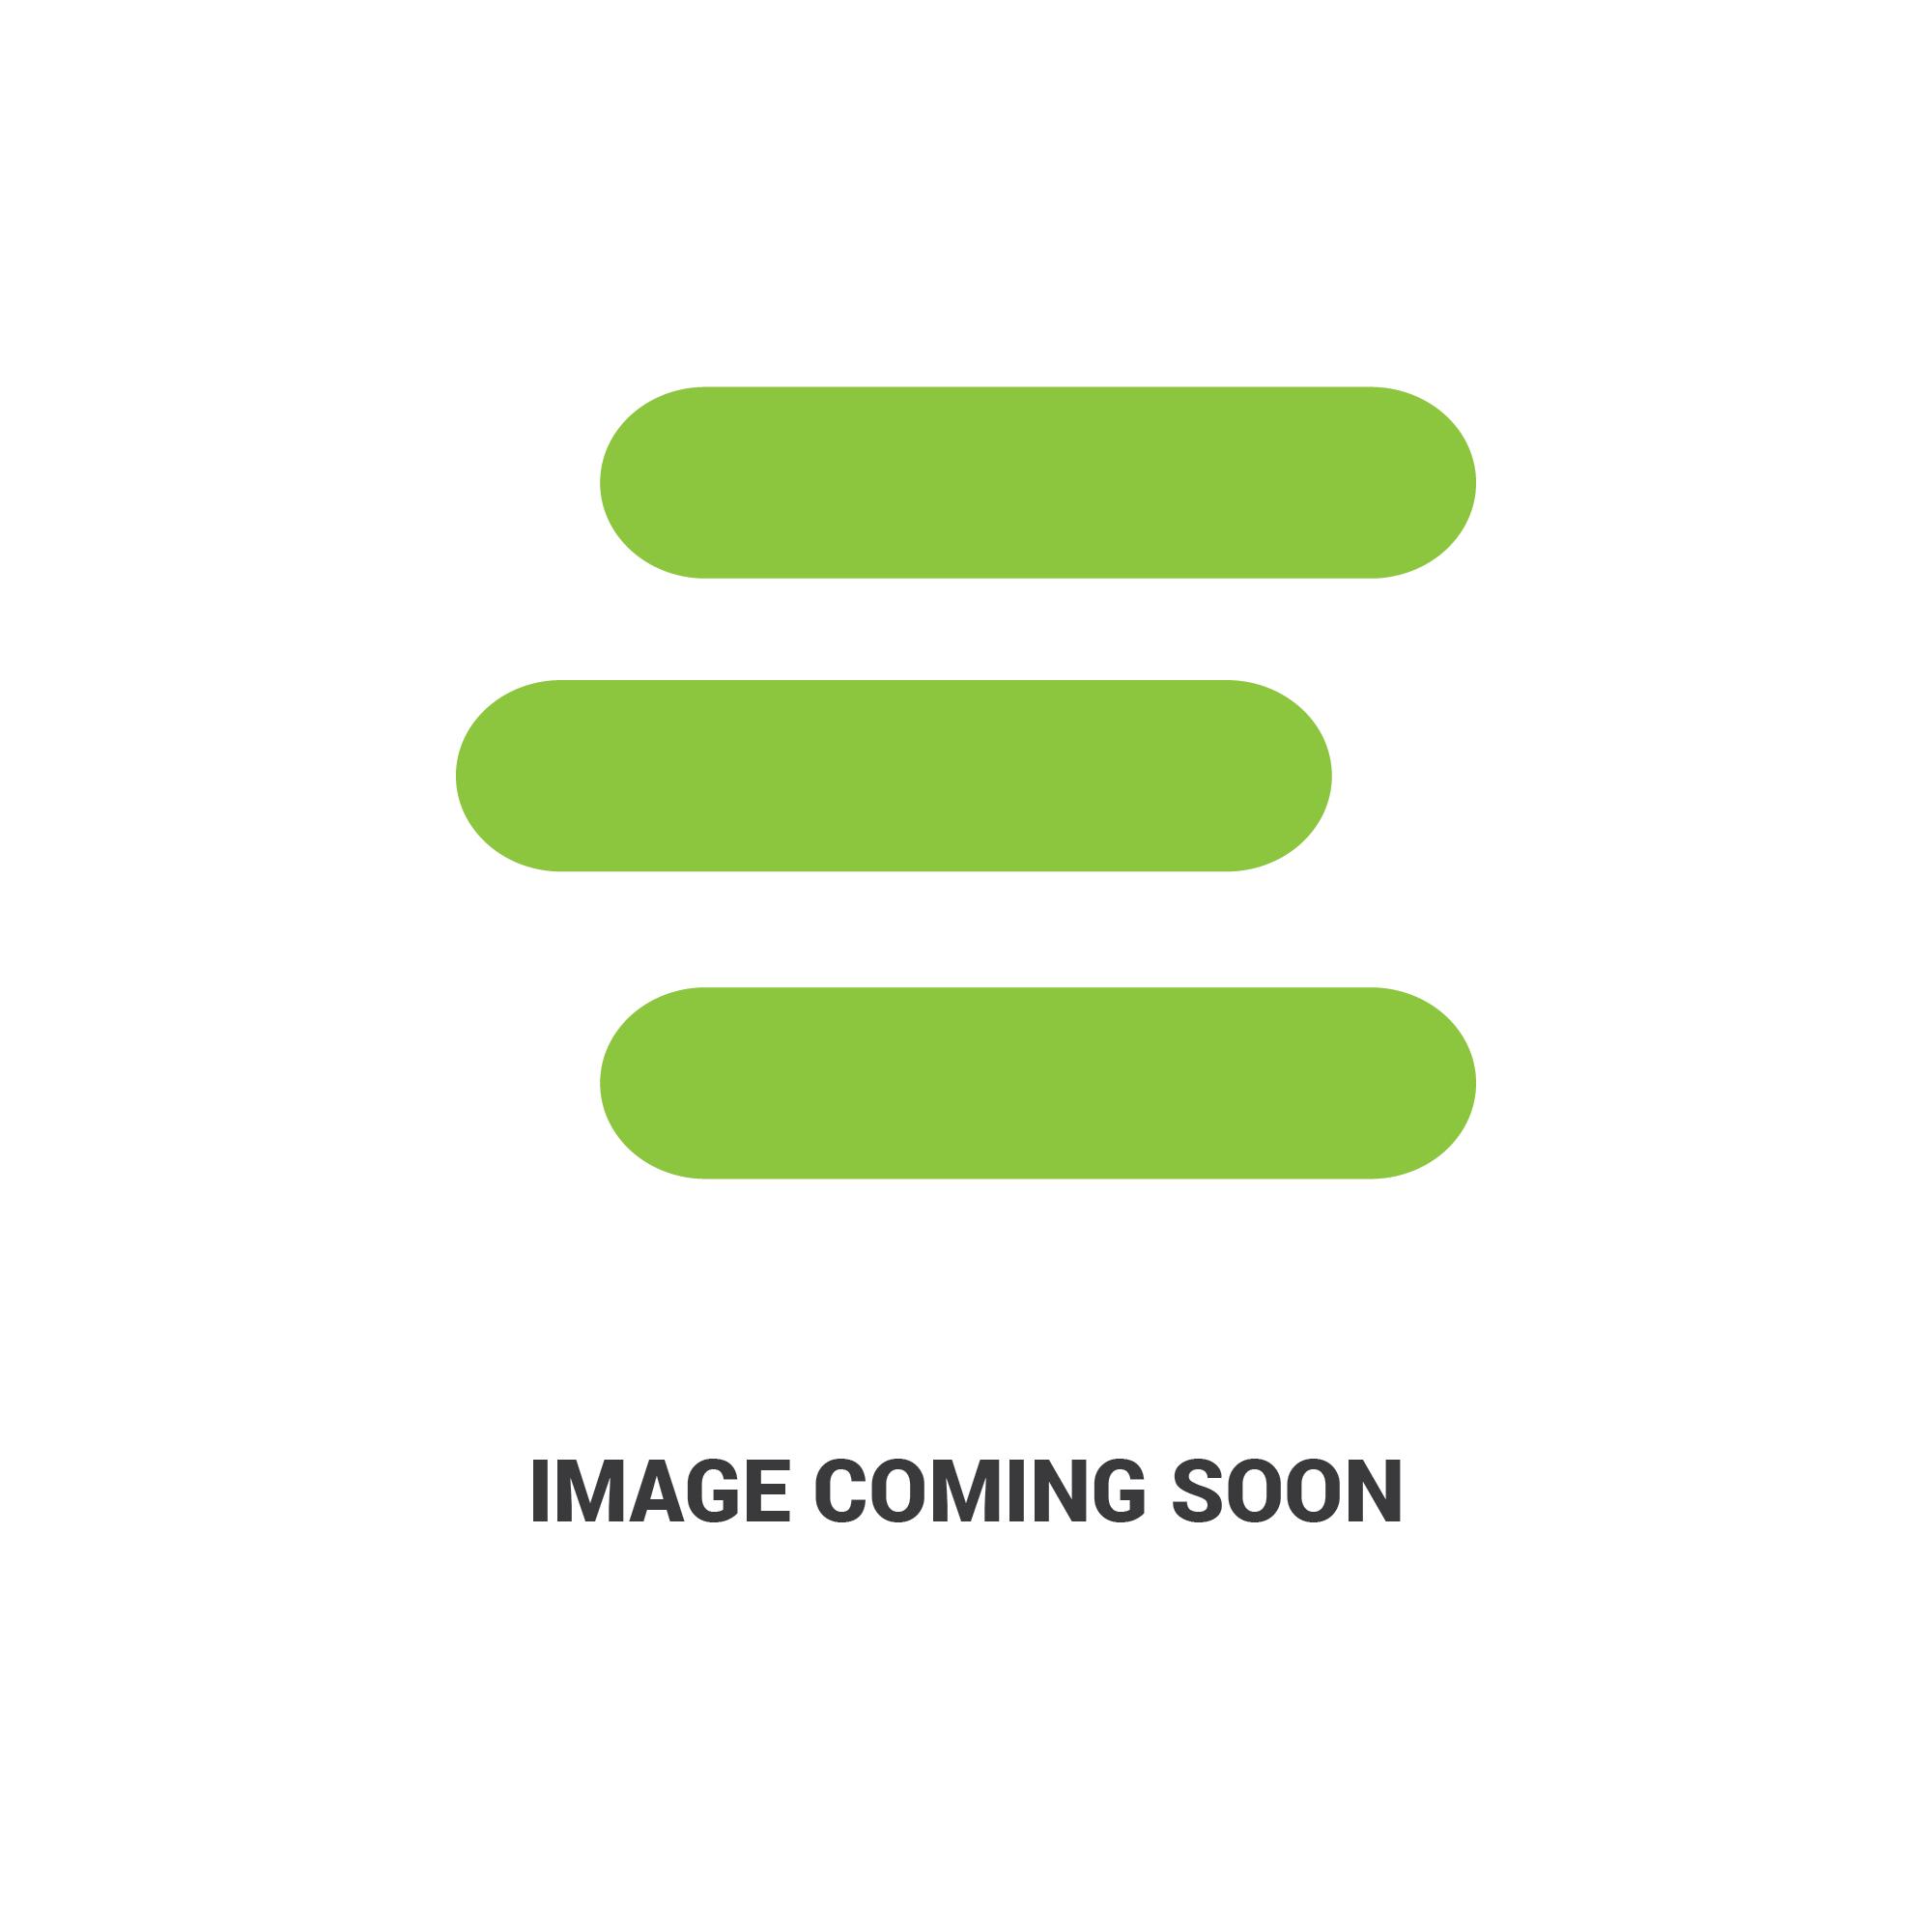 E-R1986241986_1.jpg